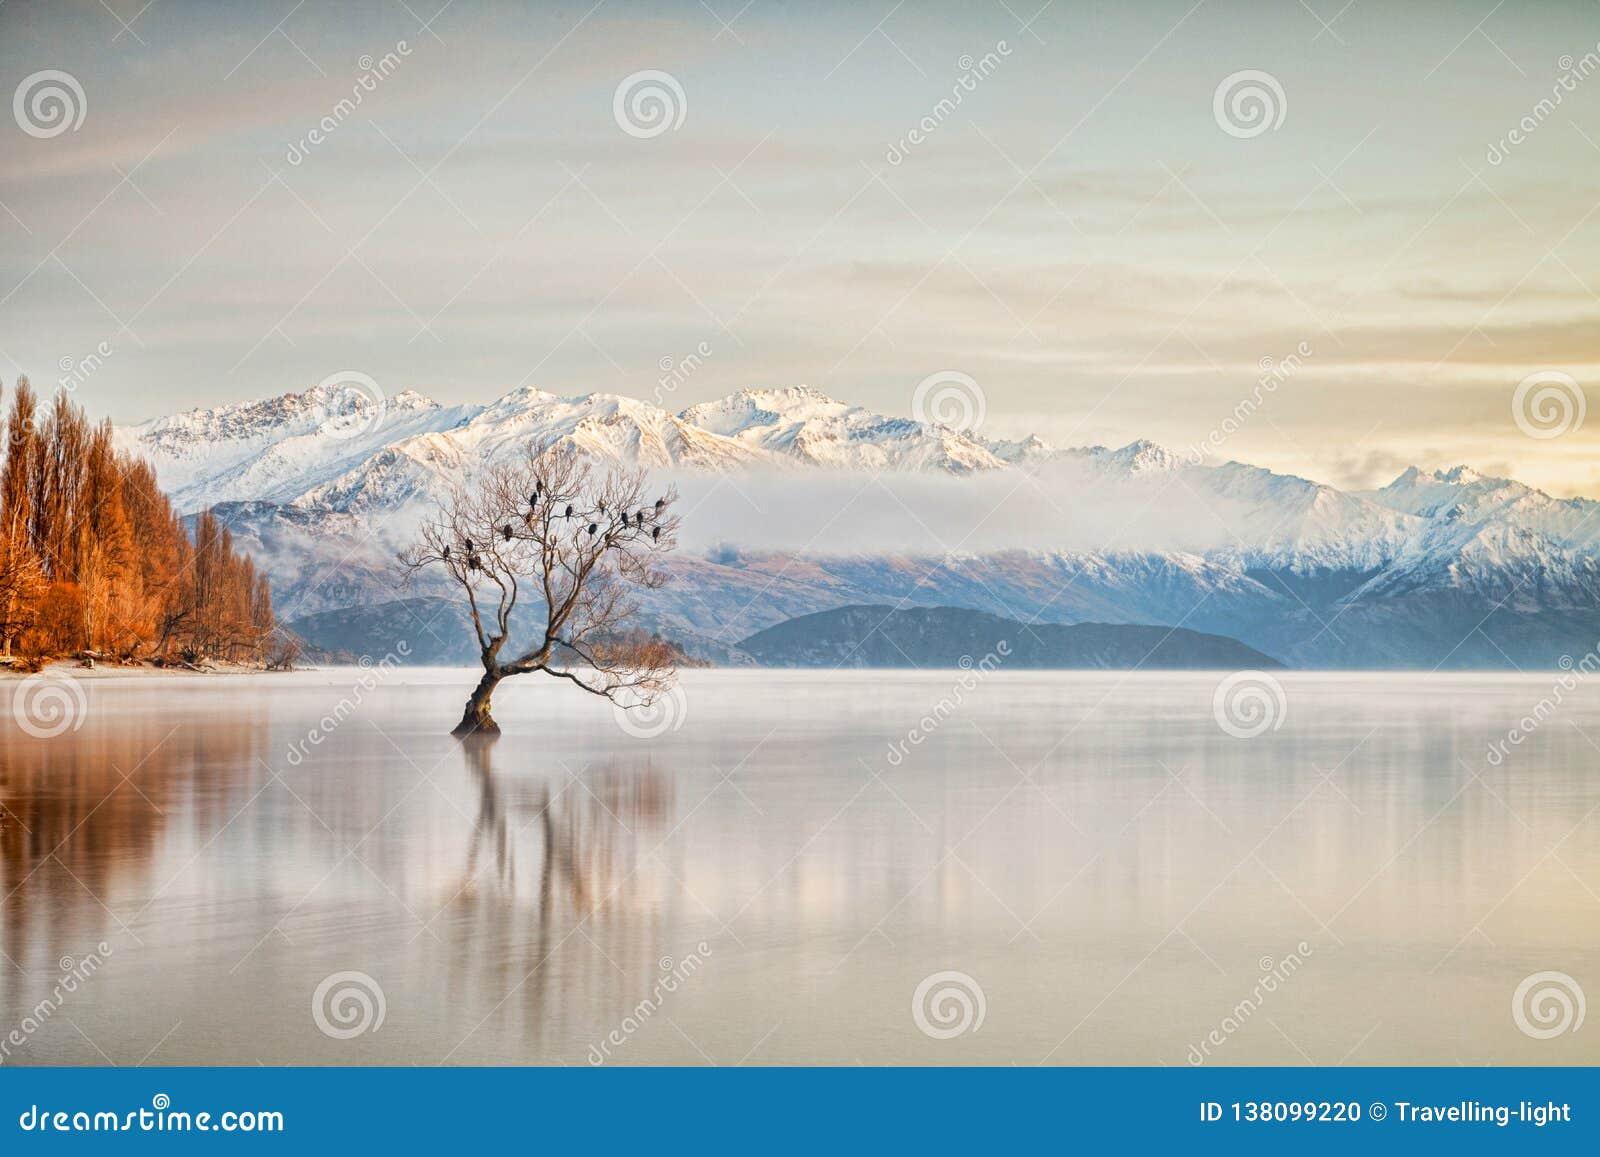 瓦纳卡湖奥塔哥地区新西兰